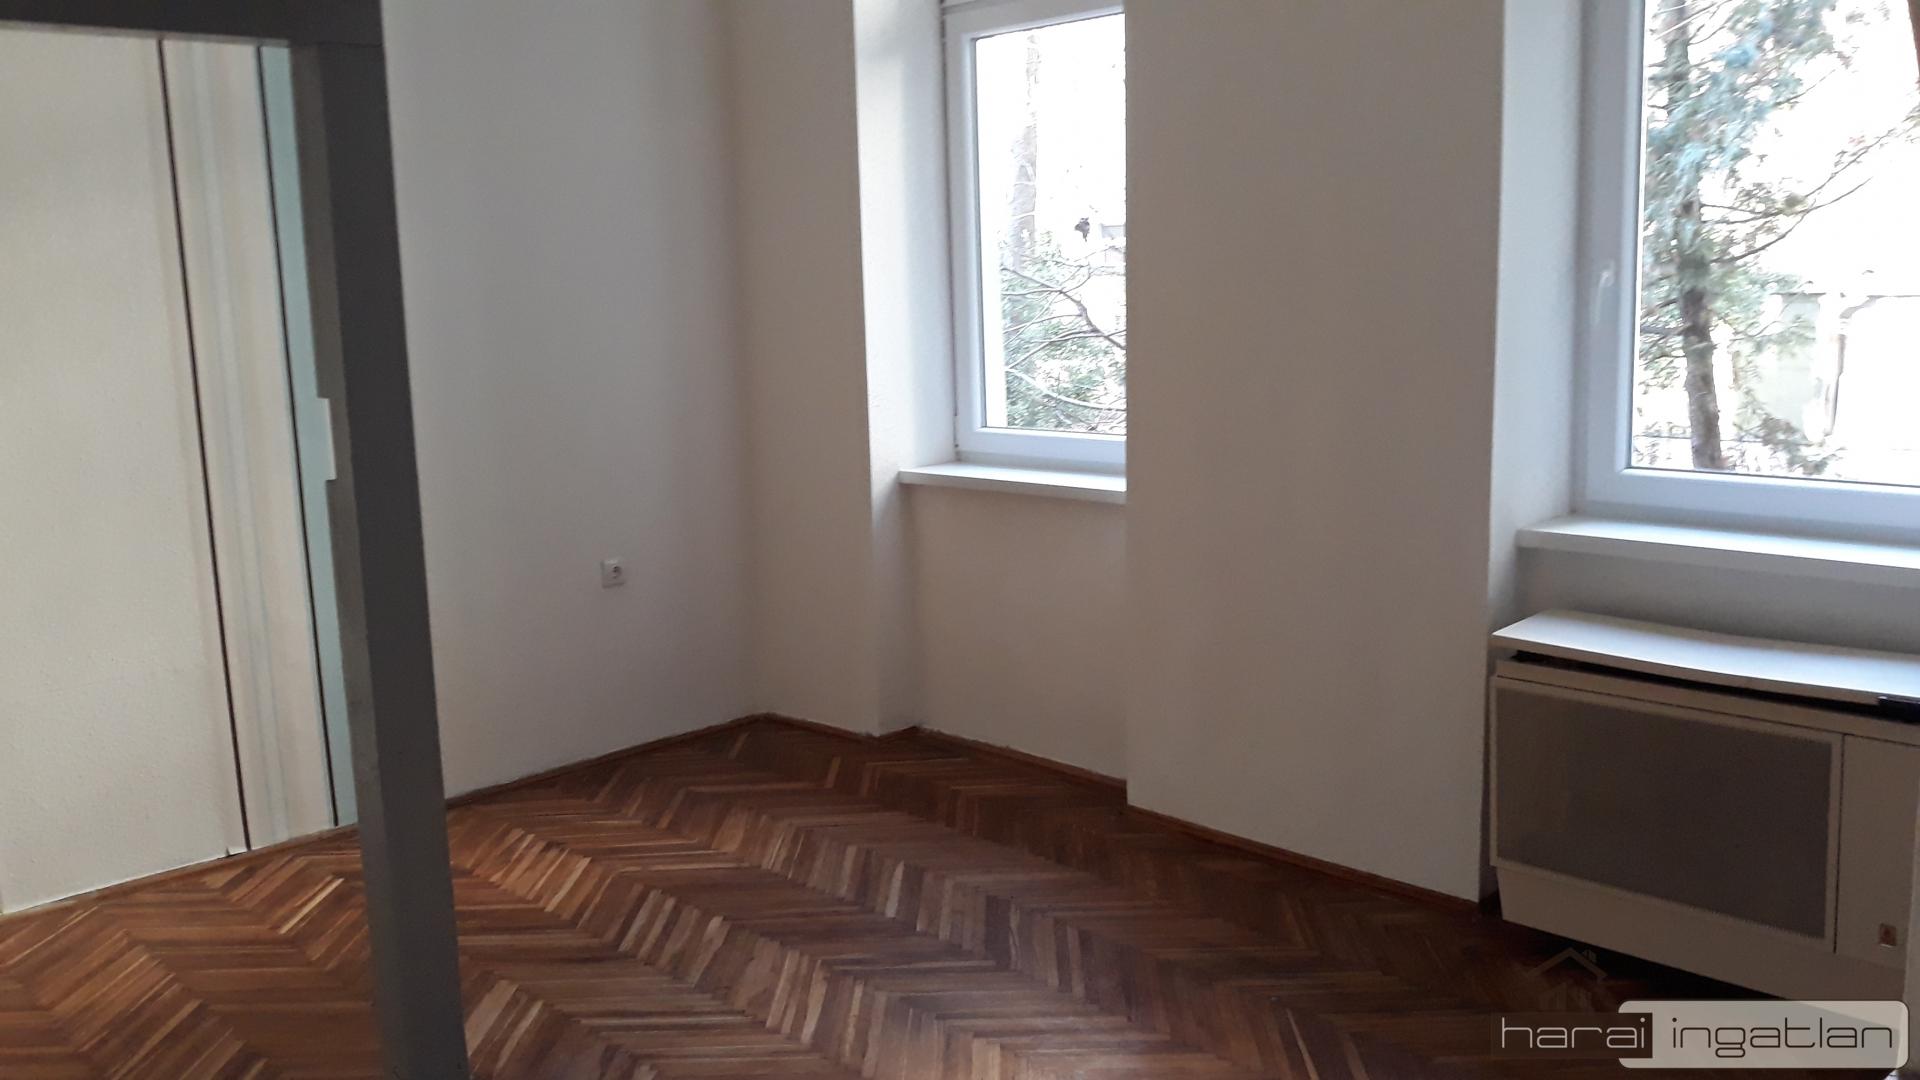 1146 Budapest XIV. Kerület Realestate.14 Eladó Lakás (#0401202001)